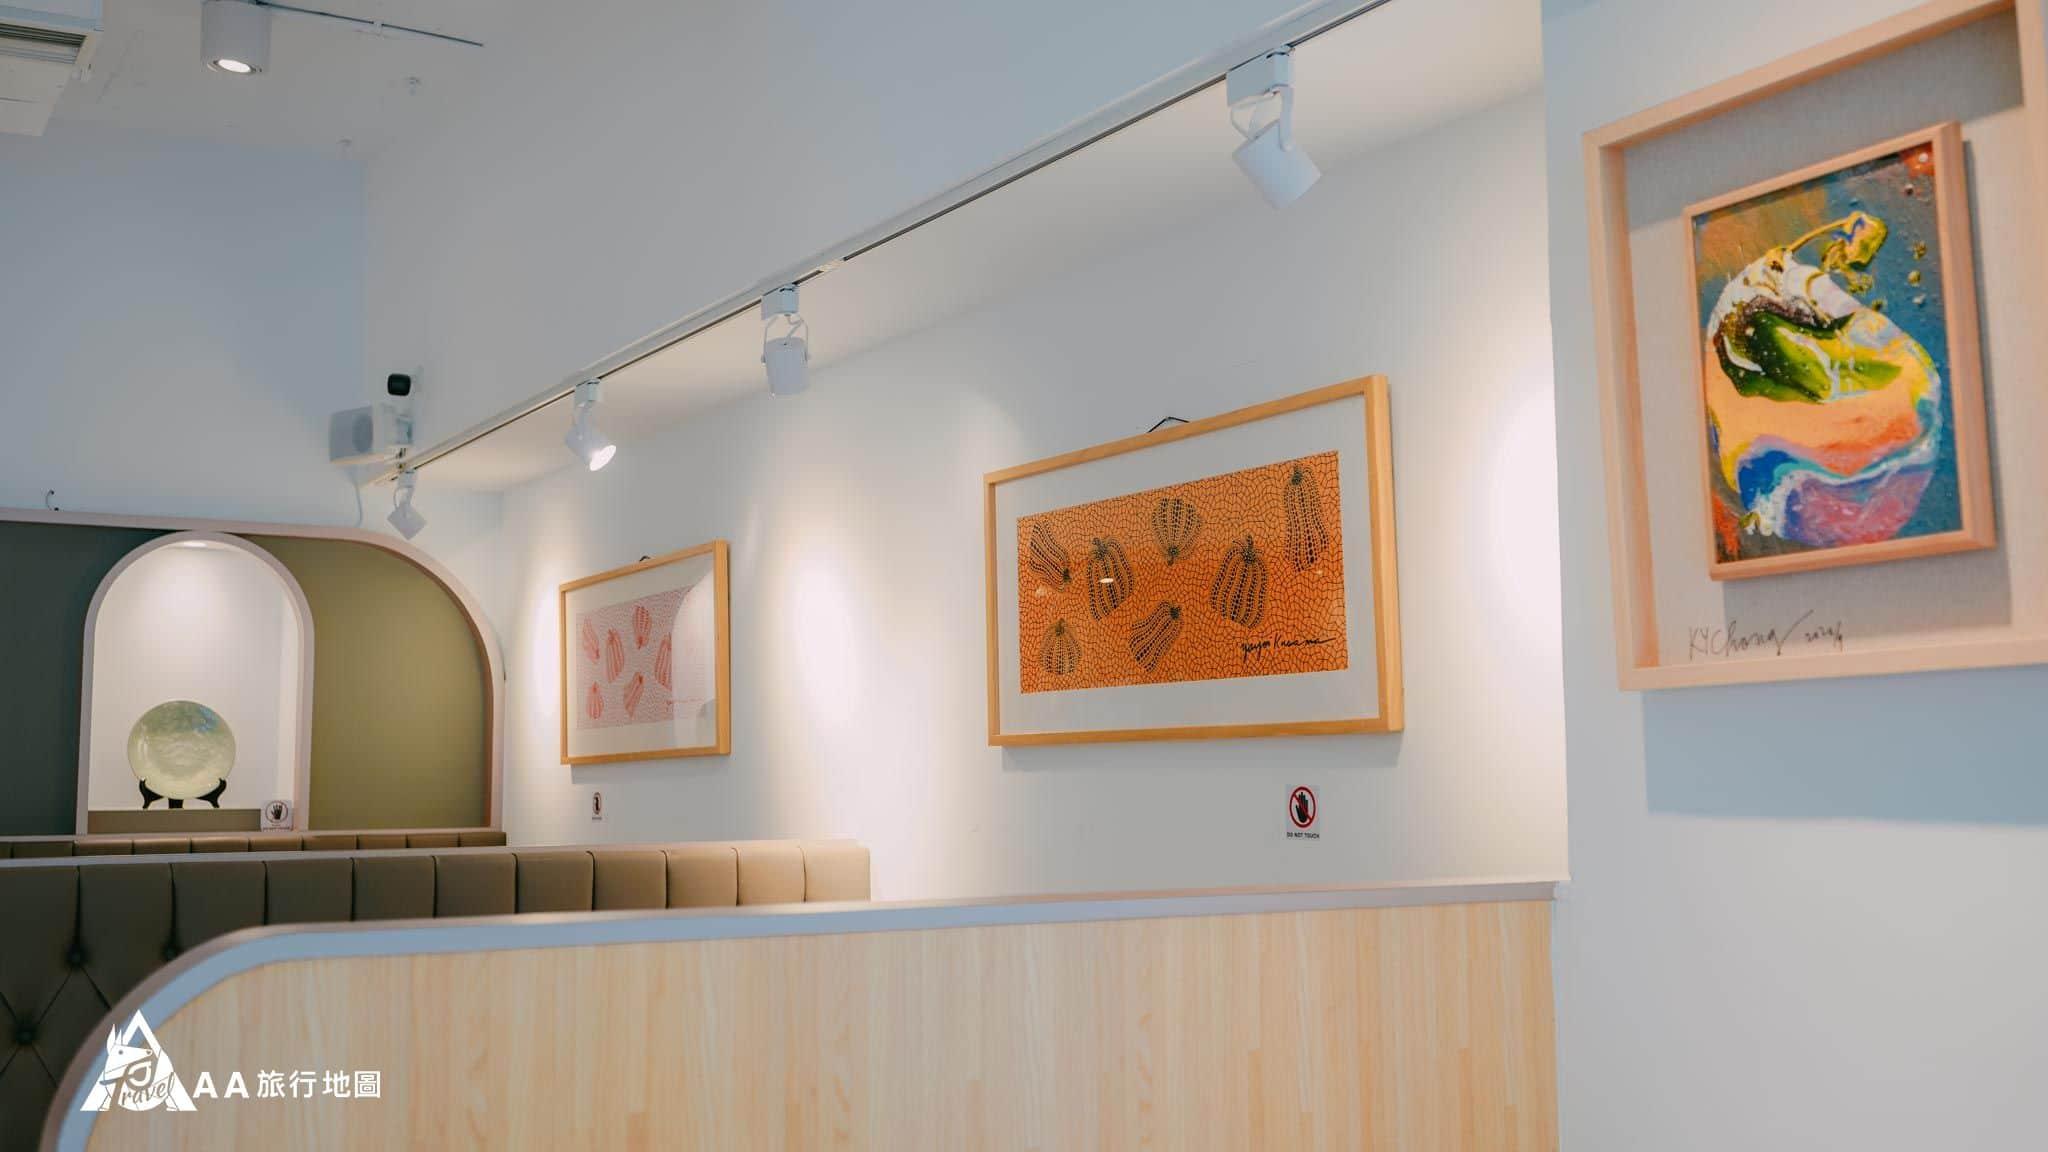 壺豆花 牆上都掛著美美的畫